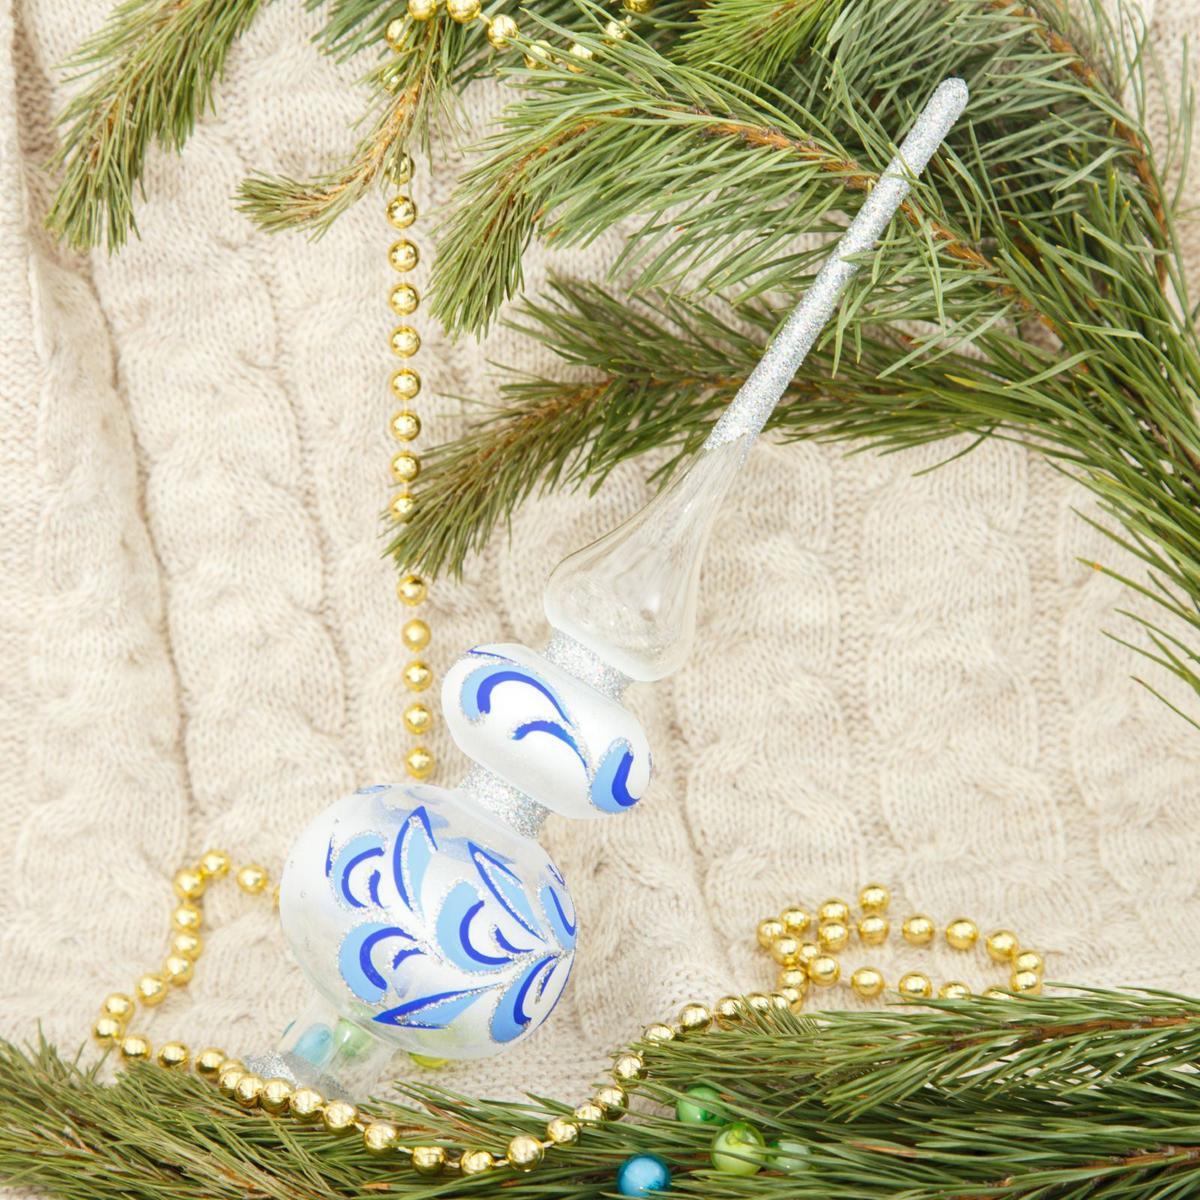 Макушка на елку Ёлочка Праздничная, 27,5 см2564807Невозможно представить нашу жизнь без праздников! Мы всегда ждём их и предвкушаем, обдумываем, как проведём памятный день, тщательно выбираем подарки и аксессуары, ведь именно они создают и поддерживают торжественный настрой.